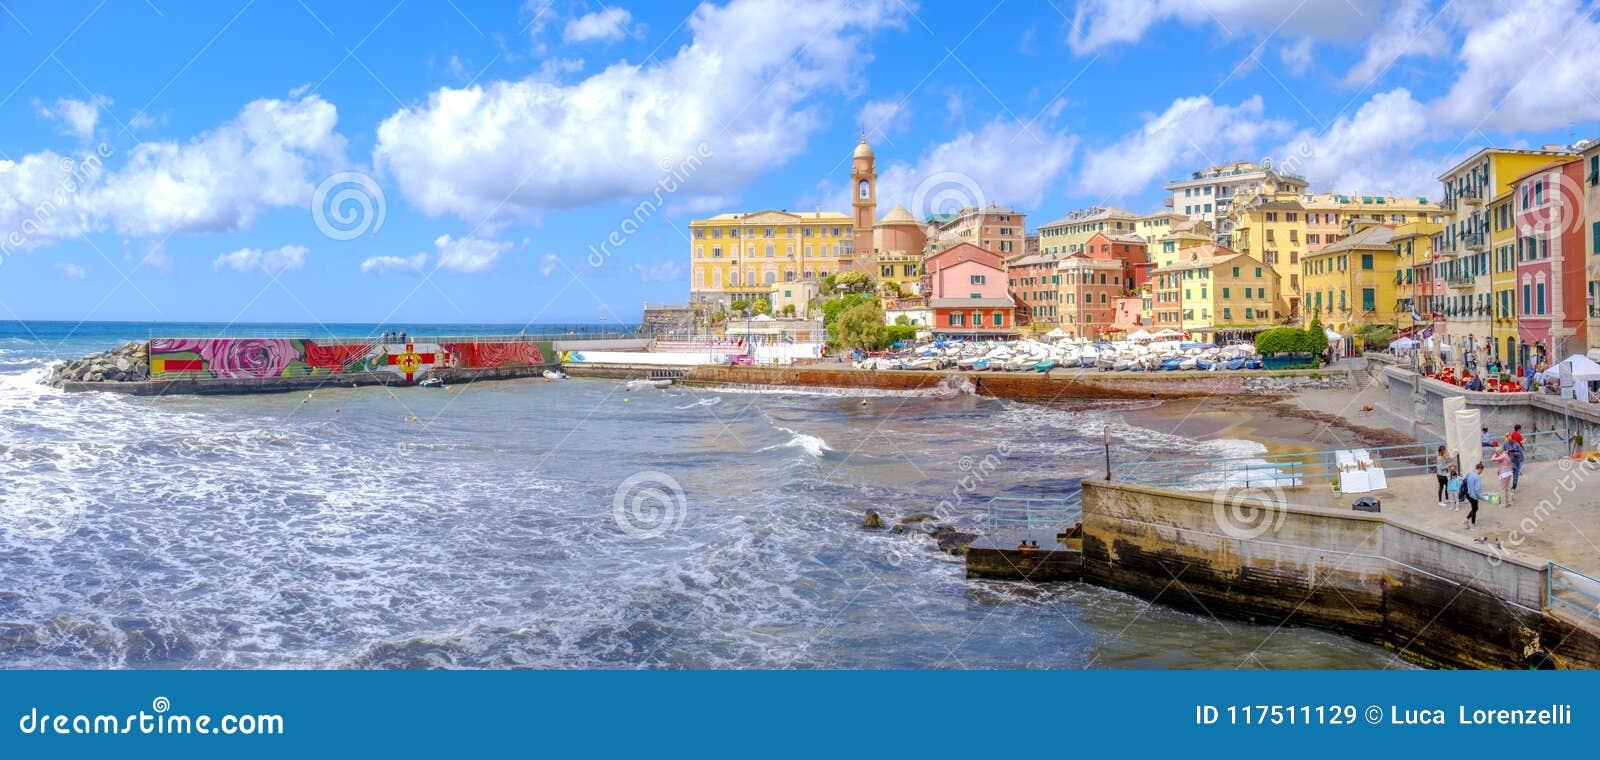 赫诺瓦Nervi Porticciolo -利古里亚市五颜六色的意大利人里维埃拉风景-意大利